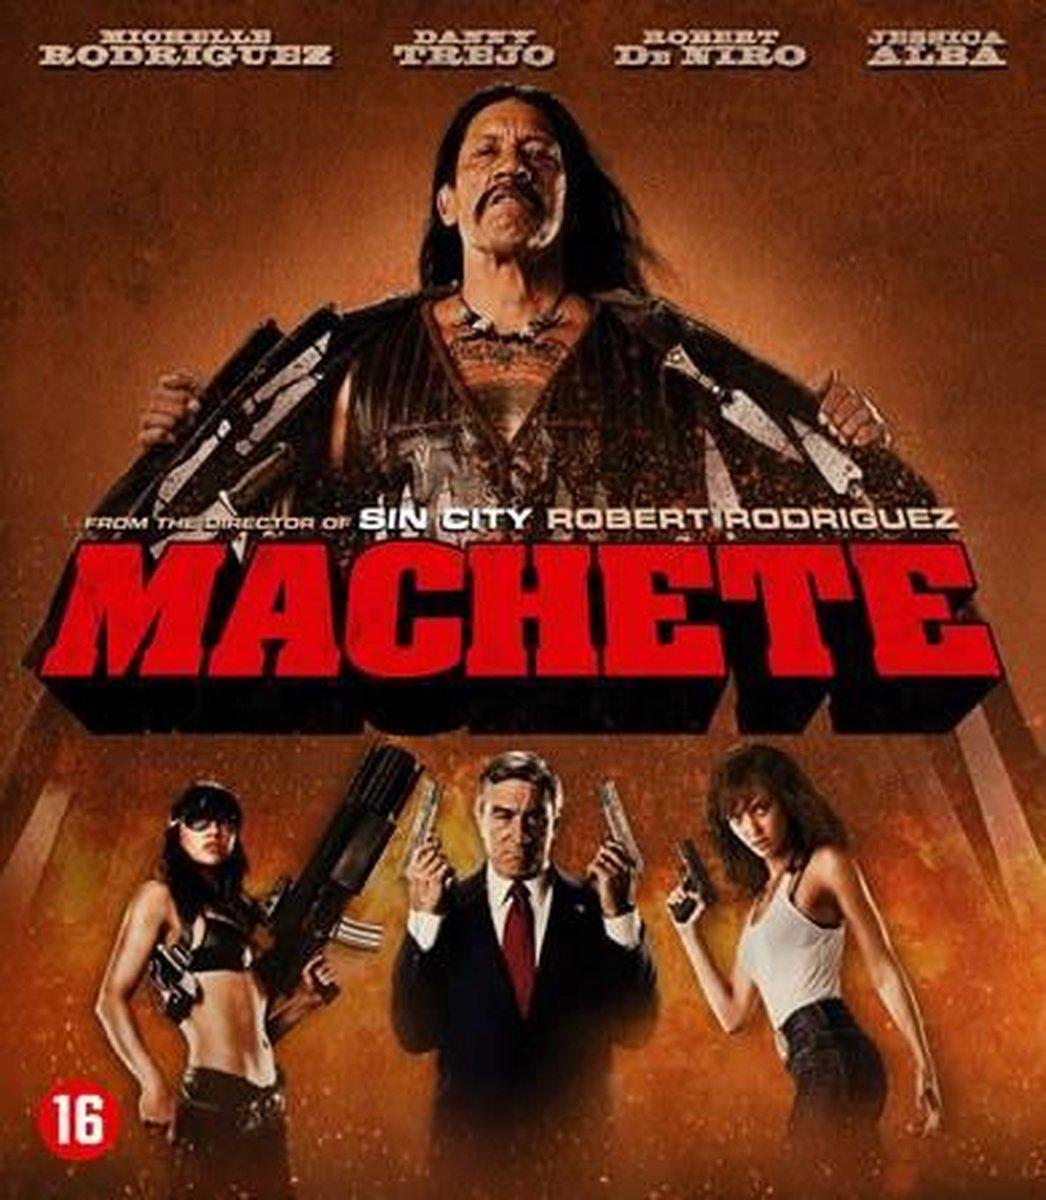 Machete (Blu-ray) - Movie